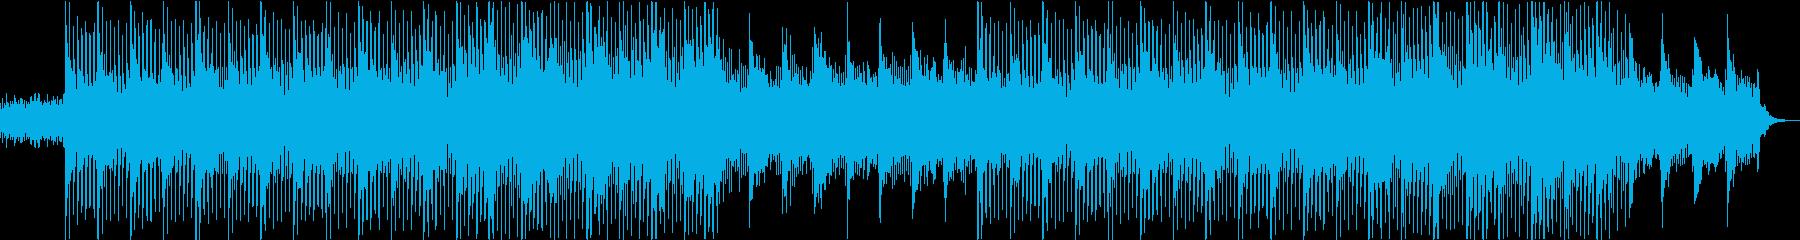 ピアノ・企業・青空・オープニング・透明感の再生済みの波形